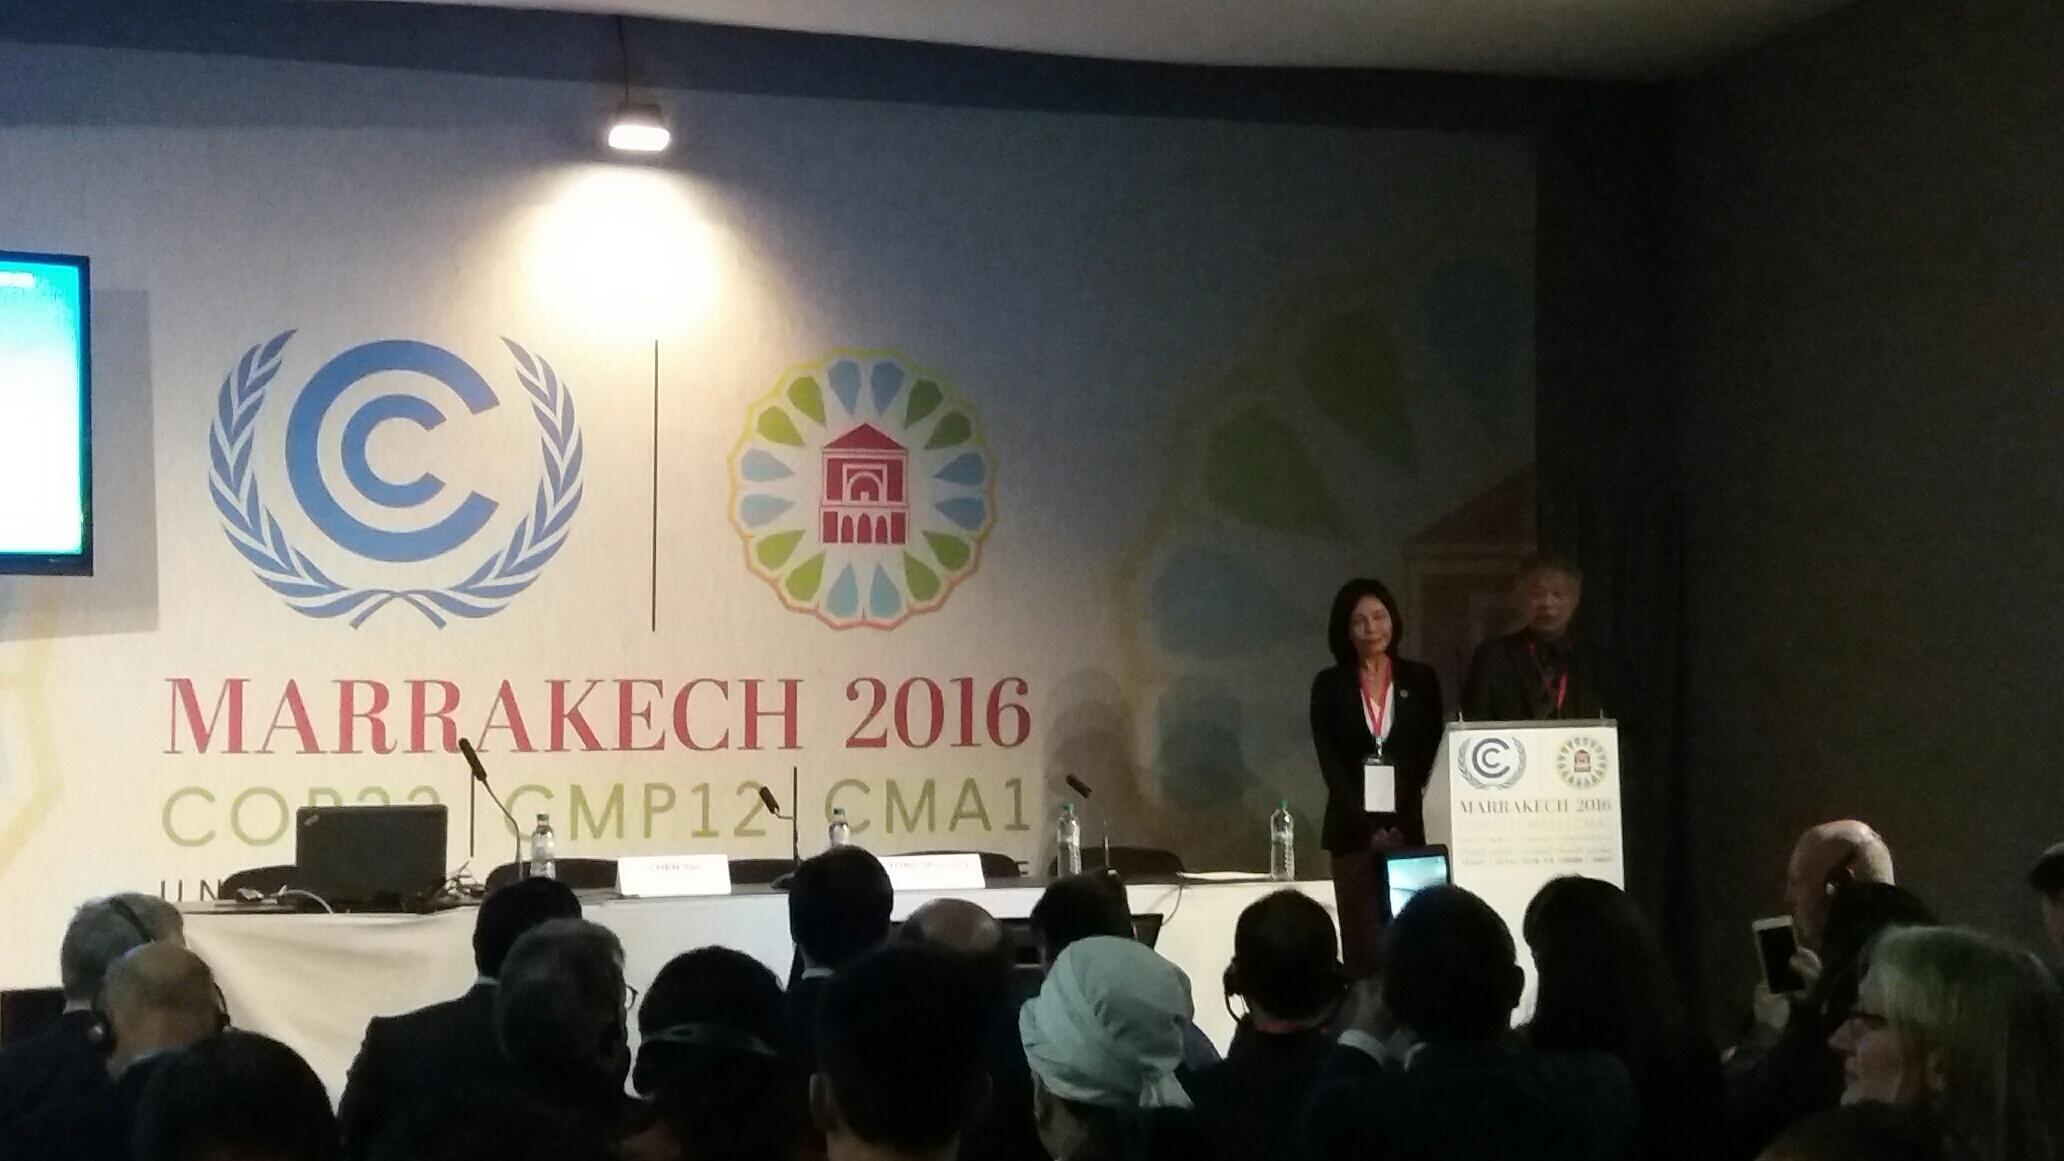 中國阿拉善SEE基金會與中歐社會論壇在馬拉喀什氣候峰會聯合舉辦應對氣候變化,共建生態文明的邊會,2016年11月16日。